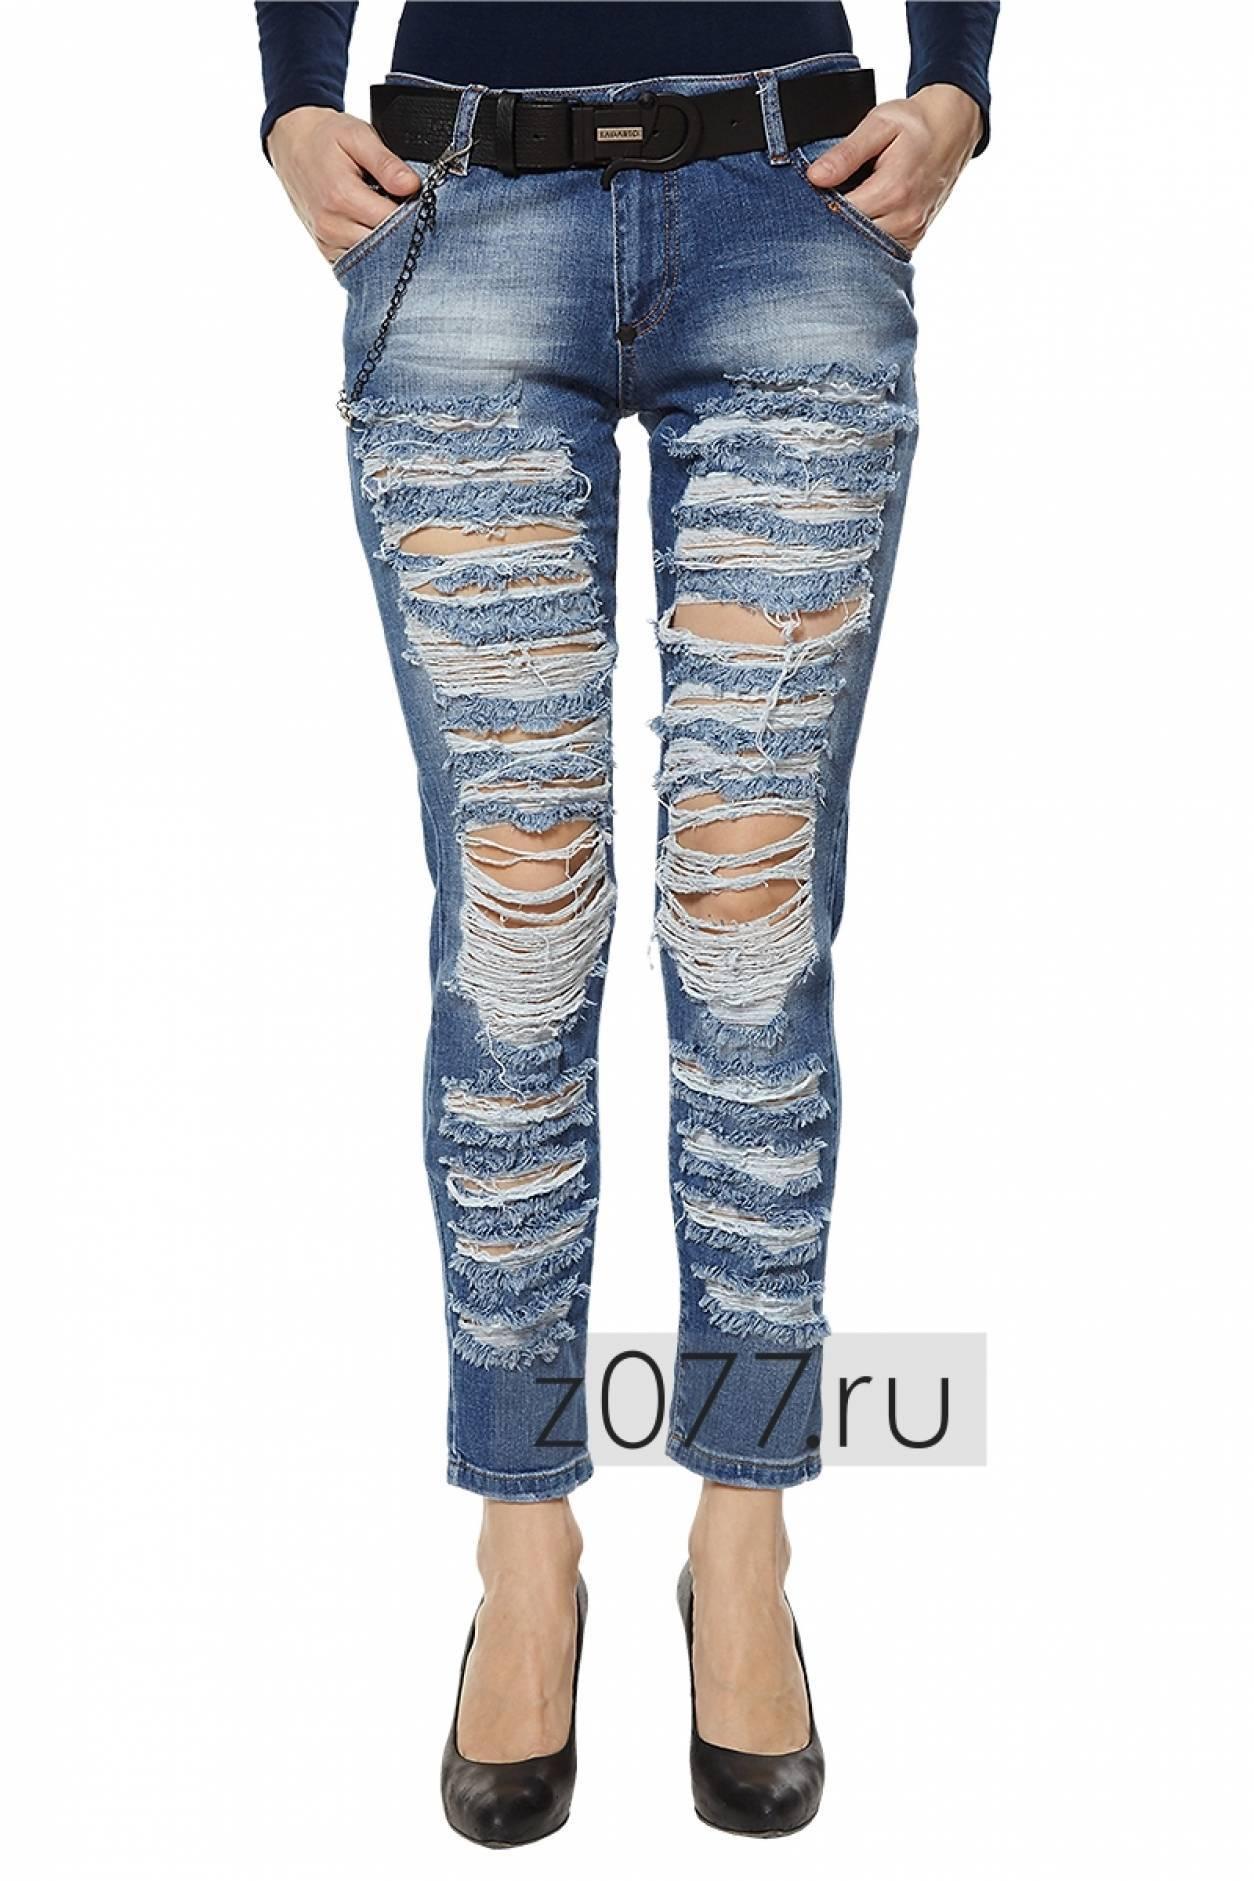 9360501d7ddd Купить джинсы женские в Москве — интернет-магазин z077.ru